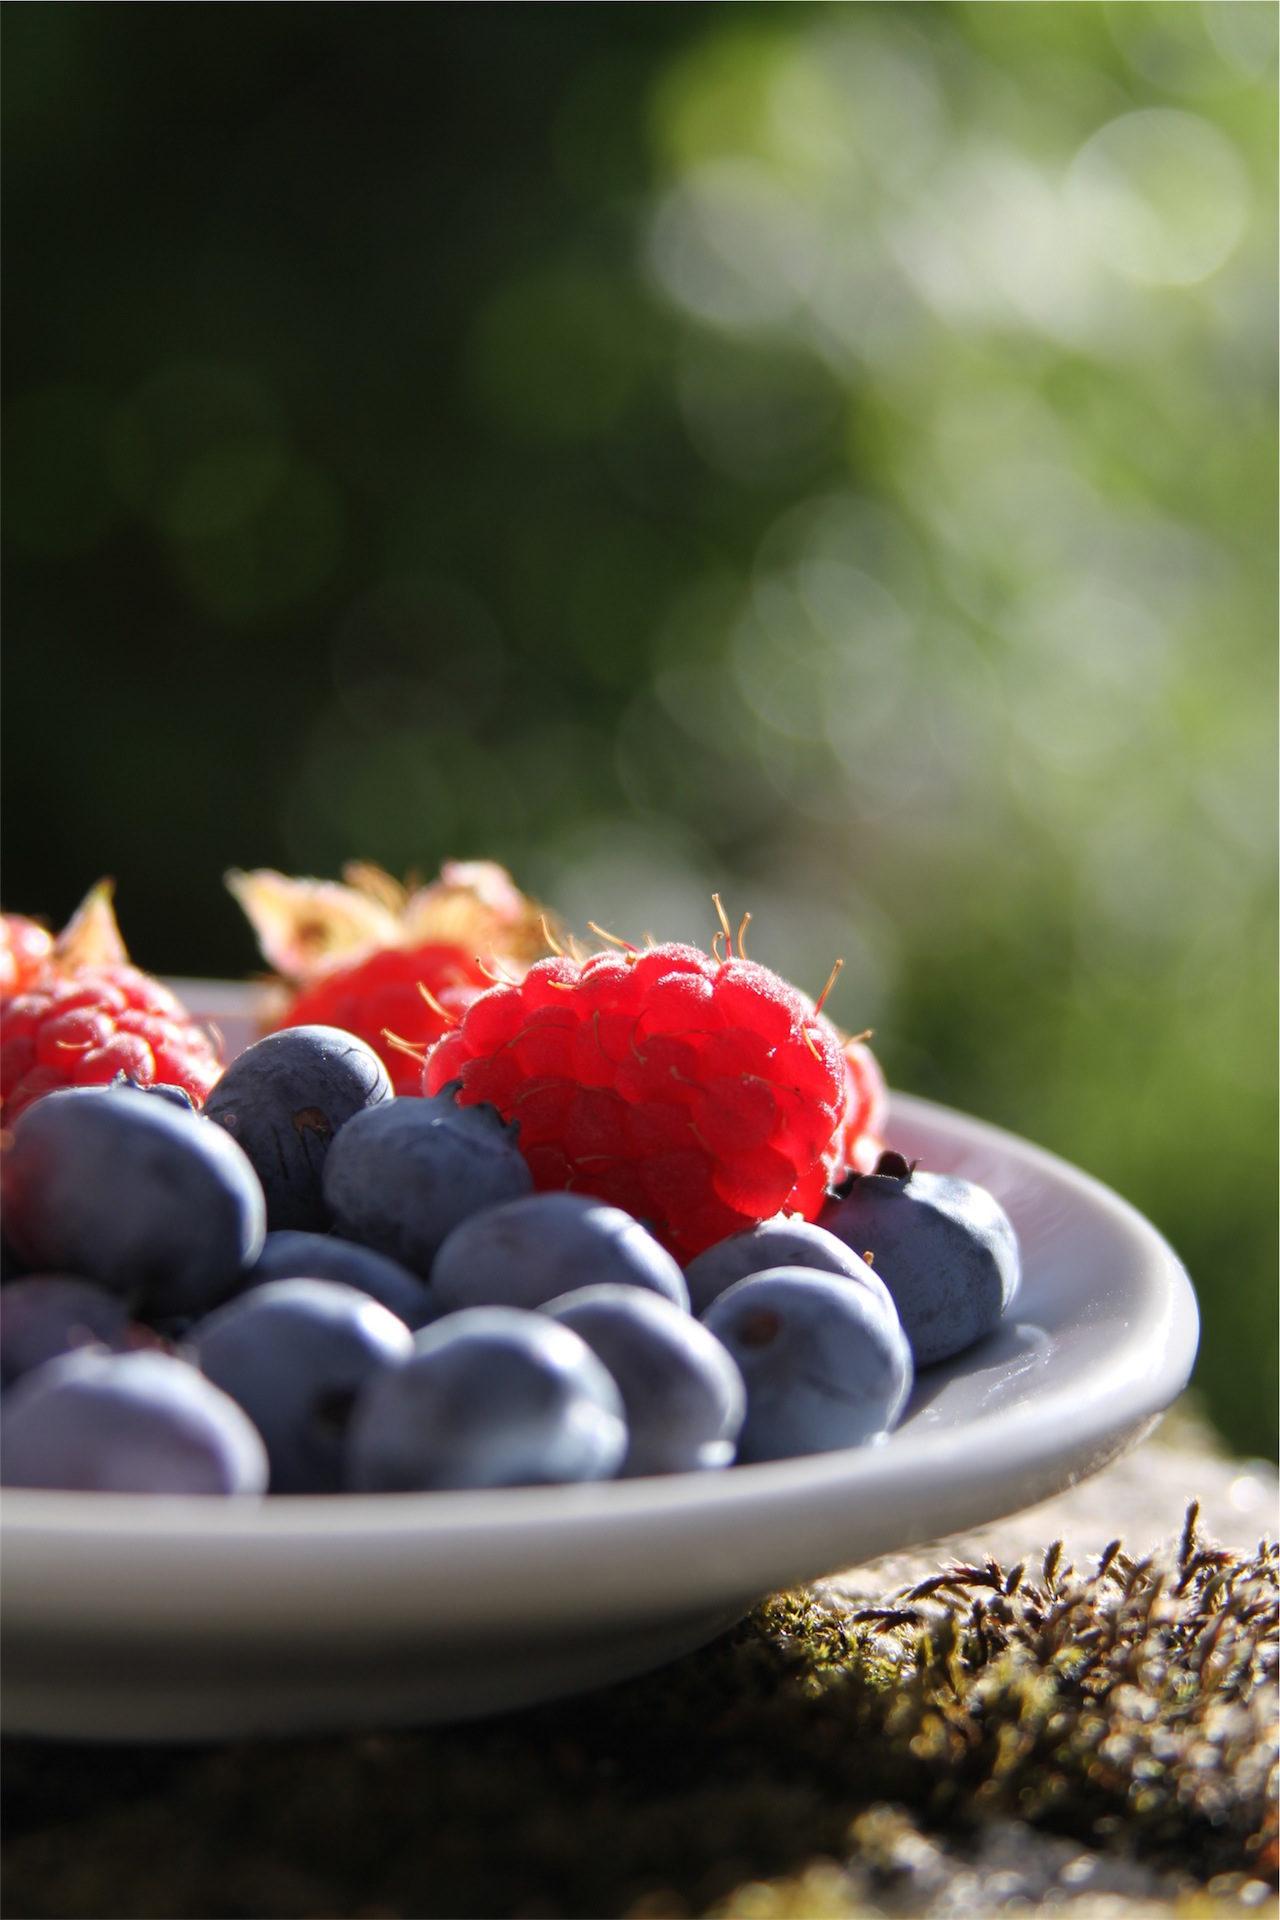 frutta, mirtilli, More, Rosso, piatto - Sfondi HD - Professor-falken.com